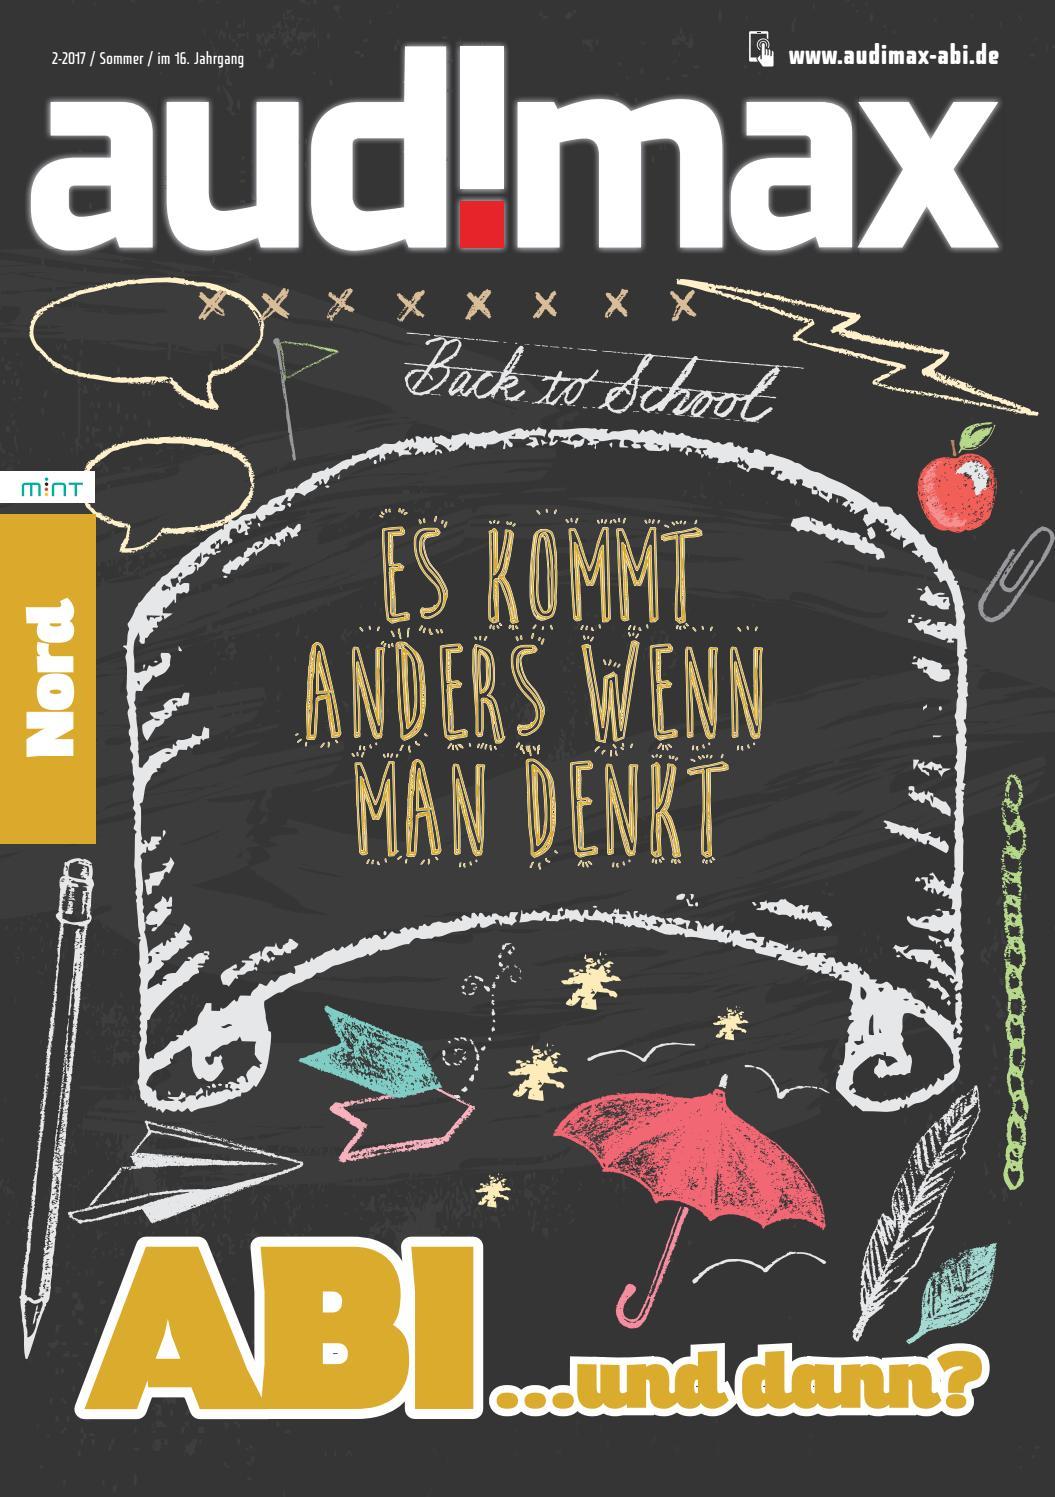 audimax ABI Nord 2.17 - Ausbildung, Ausland, Studium: Du hast die Wahl by  audimax MEDIEN - issuu